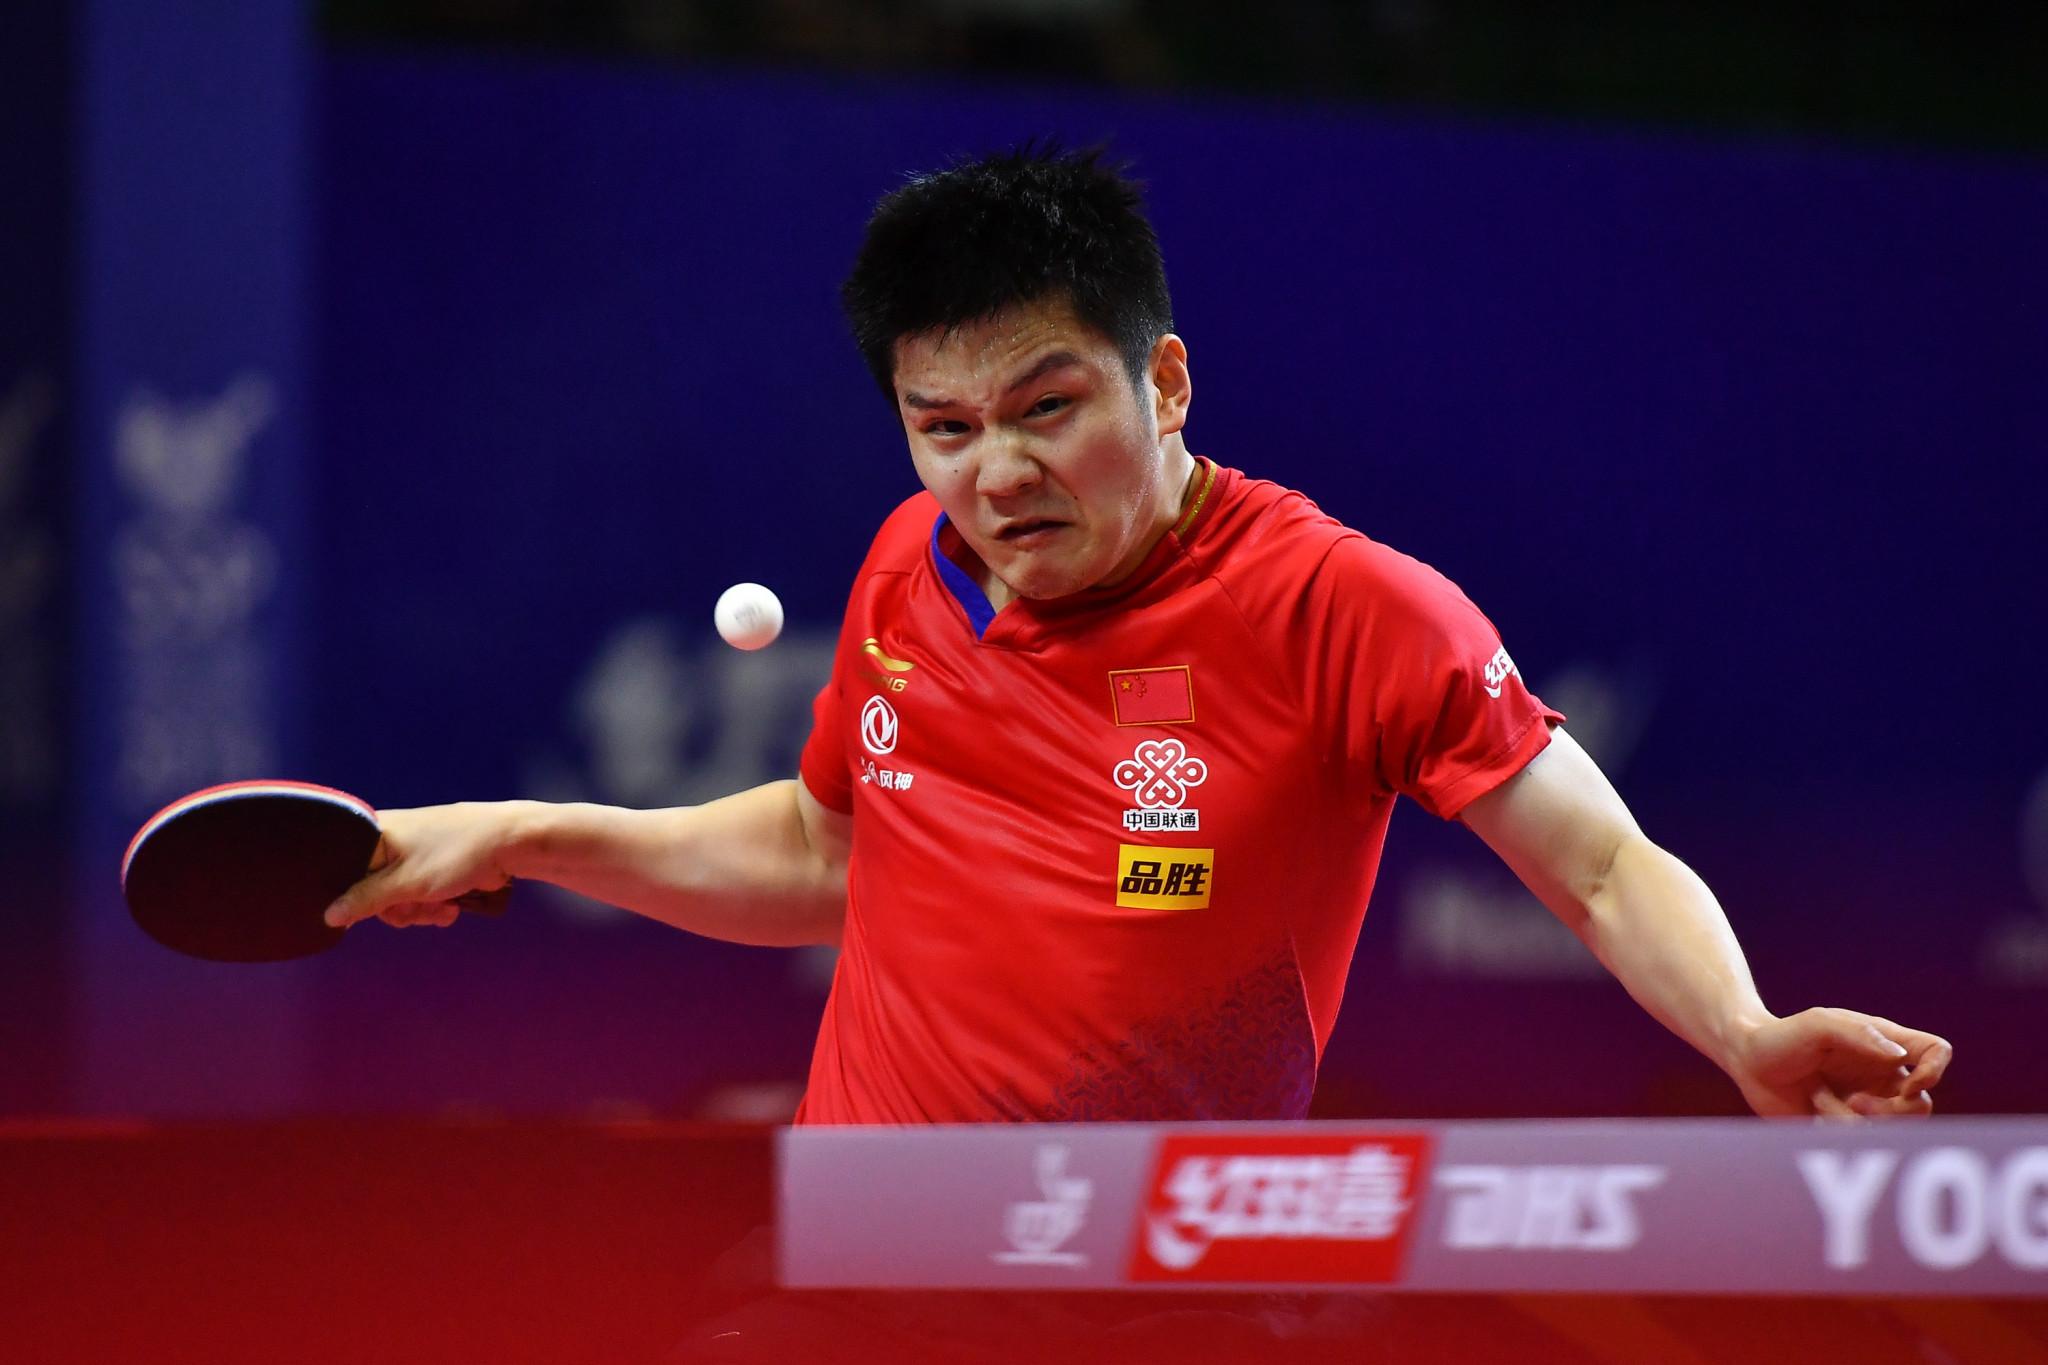 Fan wins German Open to end long wait for ITTF World Tour title